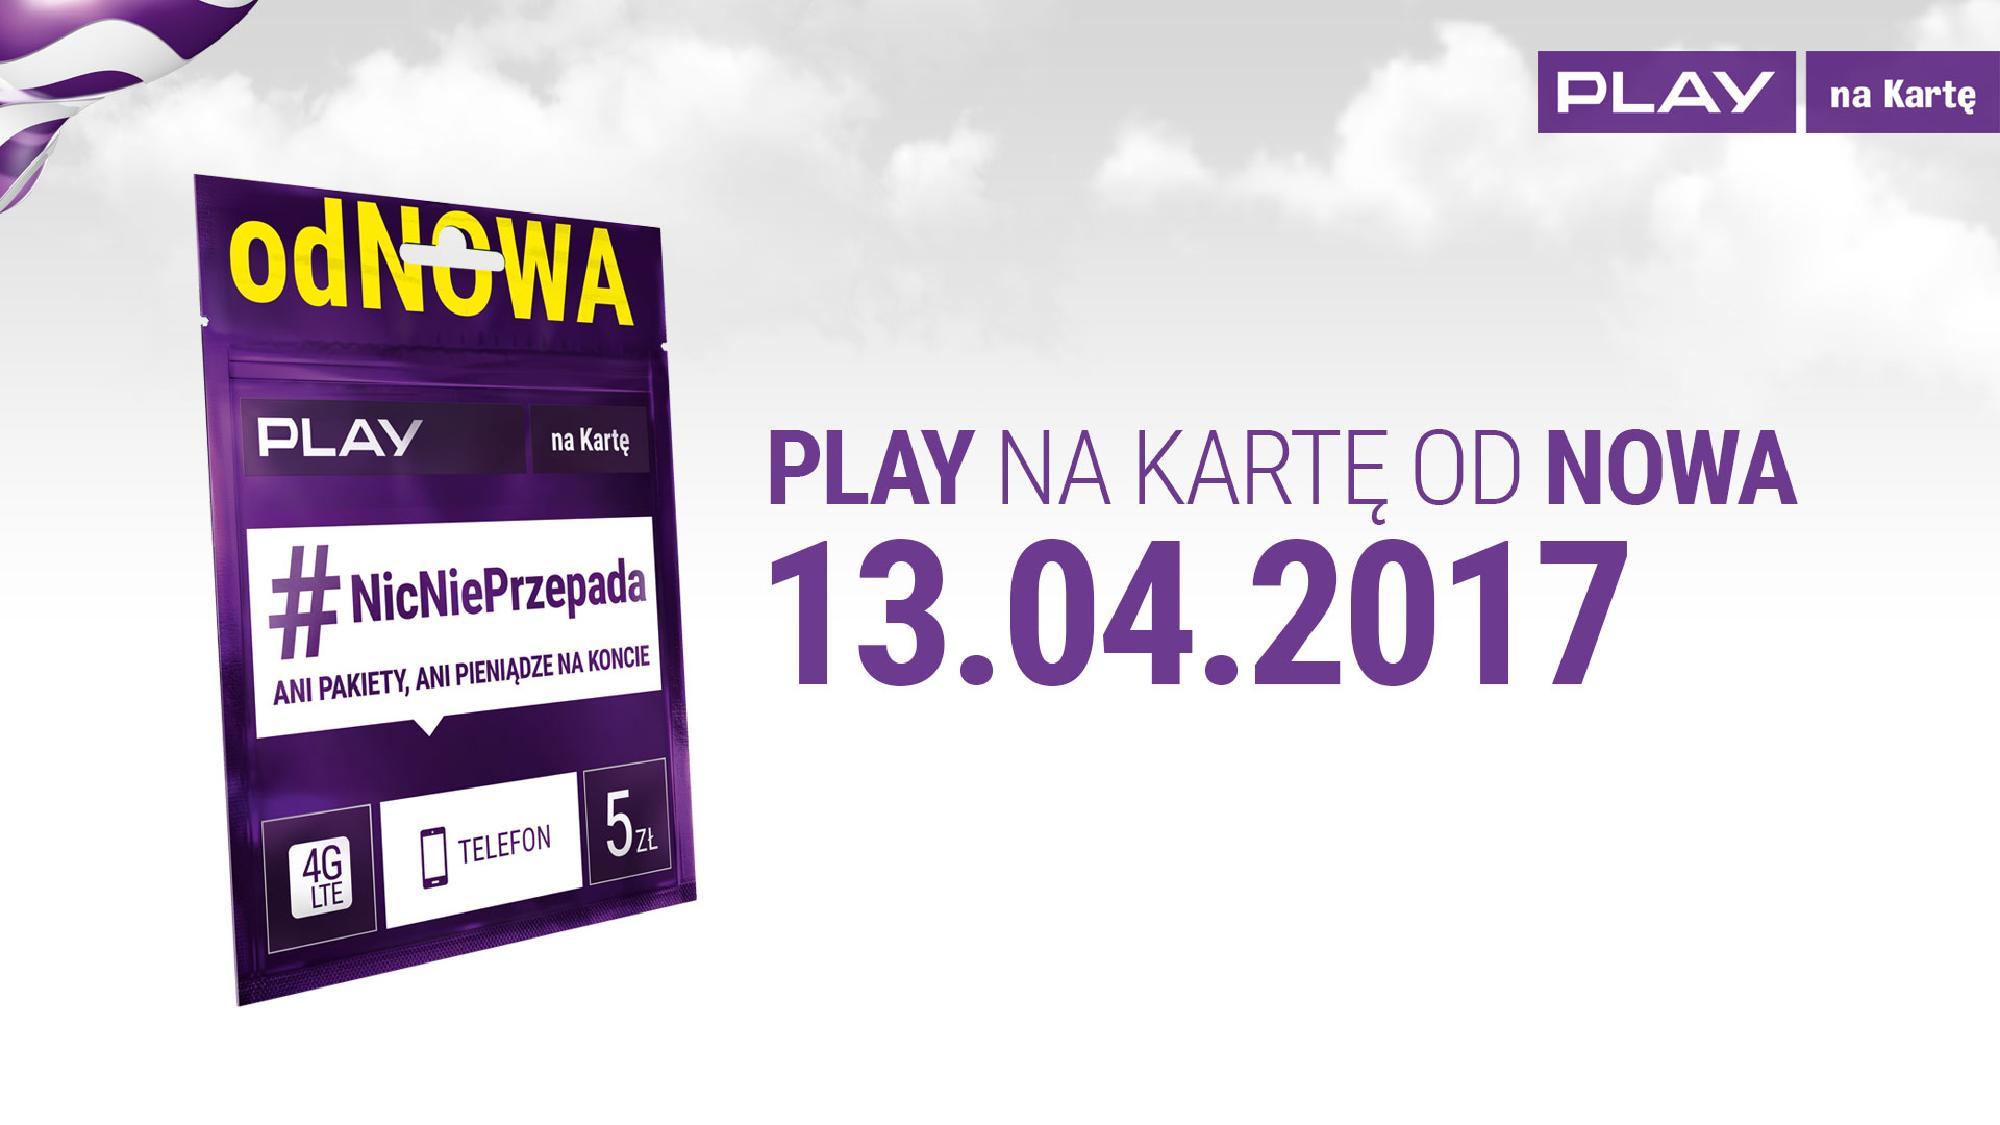 news-play-odnowa-1 Play odNOWA – oferta na kartę, w której nic nie przepada